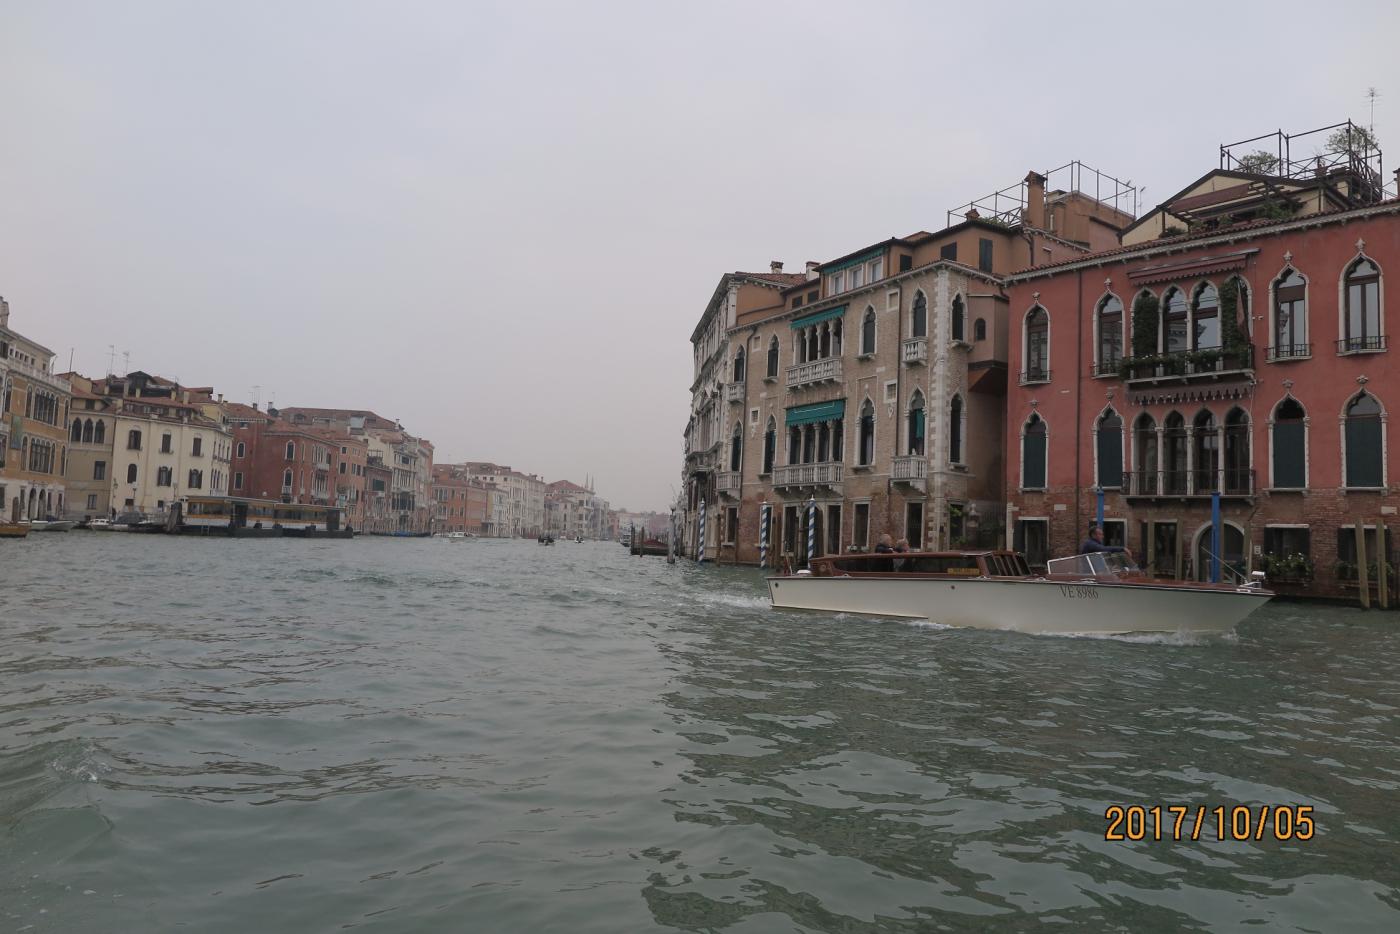 水乡威尼斯:无限的魅力永久的回忆_图1-14